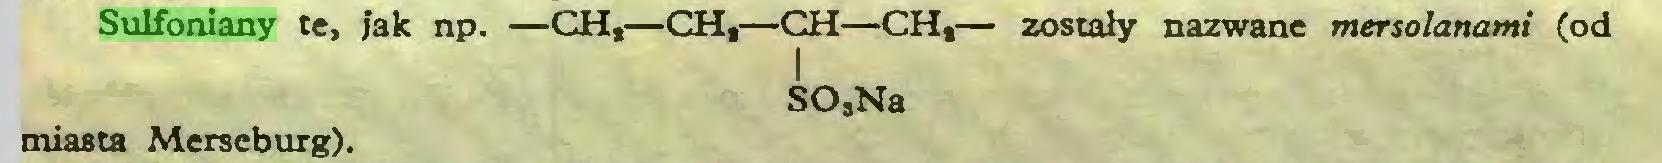 (...) Sulfoniany te, jak np. —CH,—CH,—CH—CH,— zostały nazwane mersolanami (od I SO,Na miasta Merseburg)...